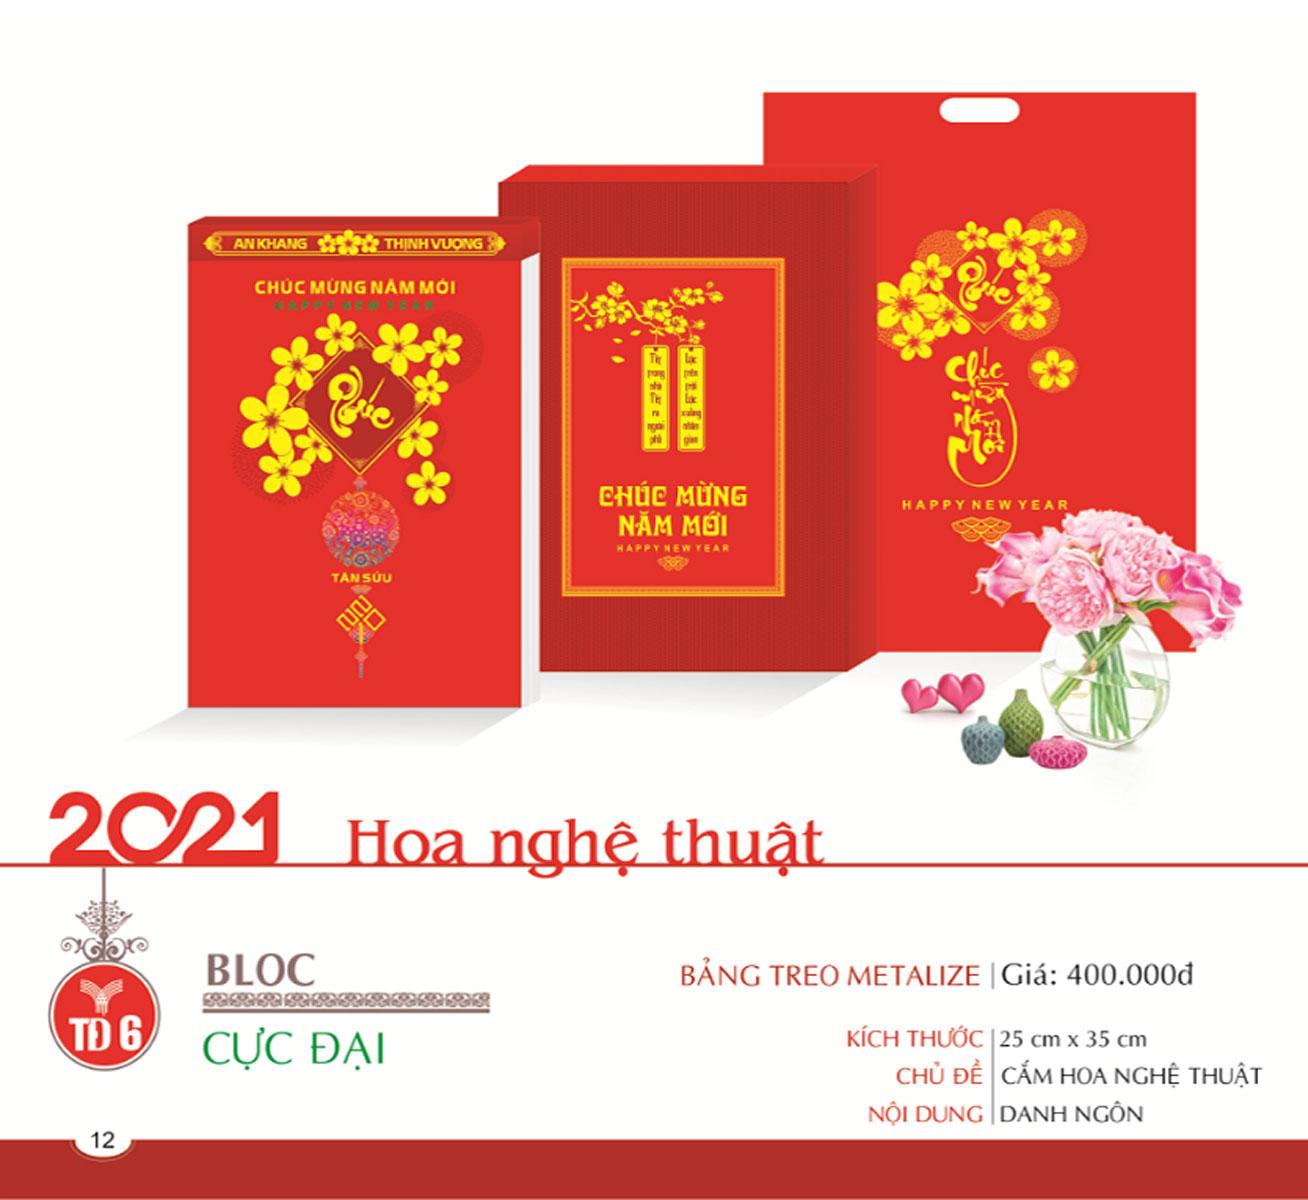 Lịch Bloc 2021 (25x35 Cm) - Hoa Nghệ Thuật - TĐ 06